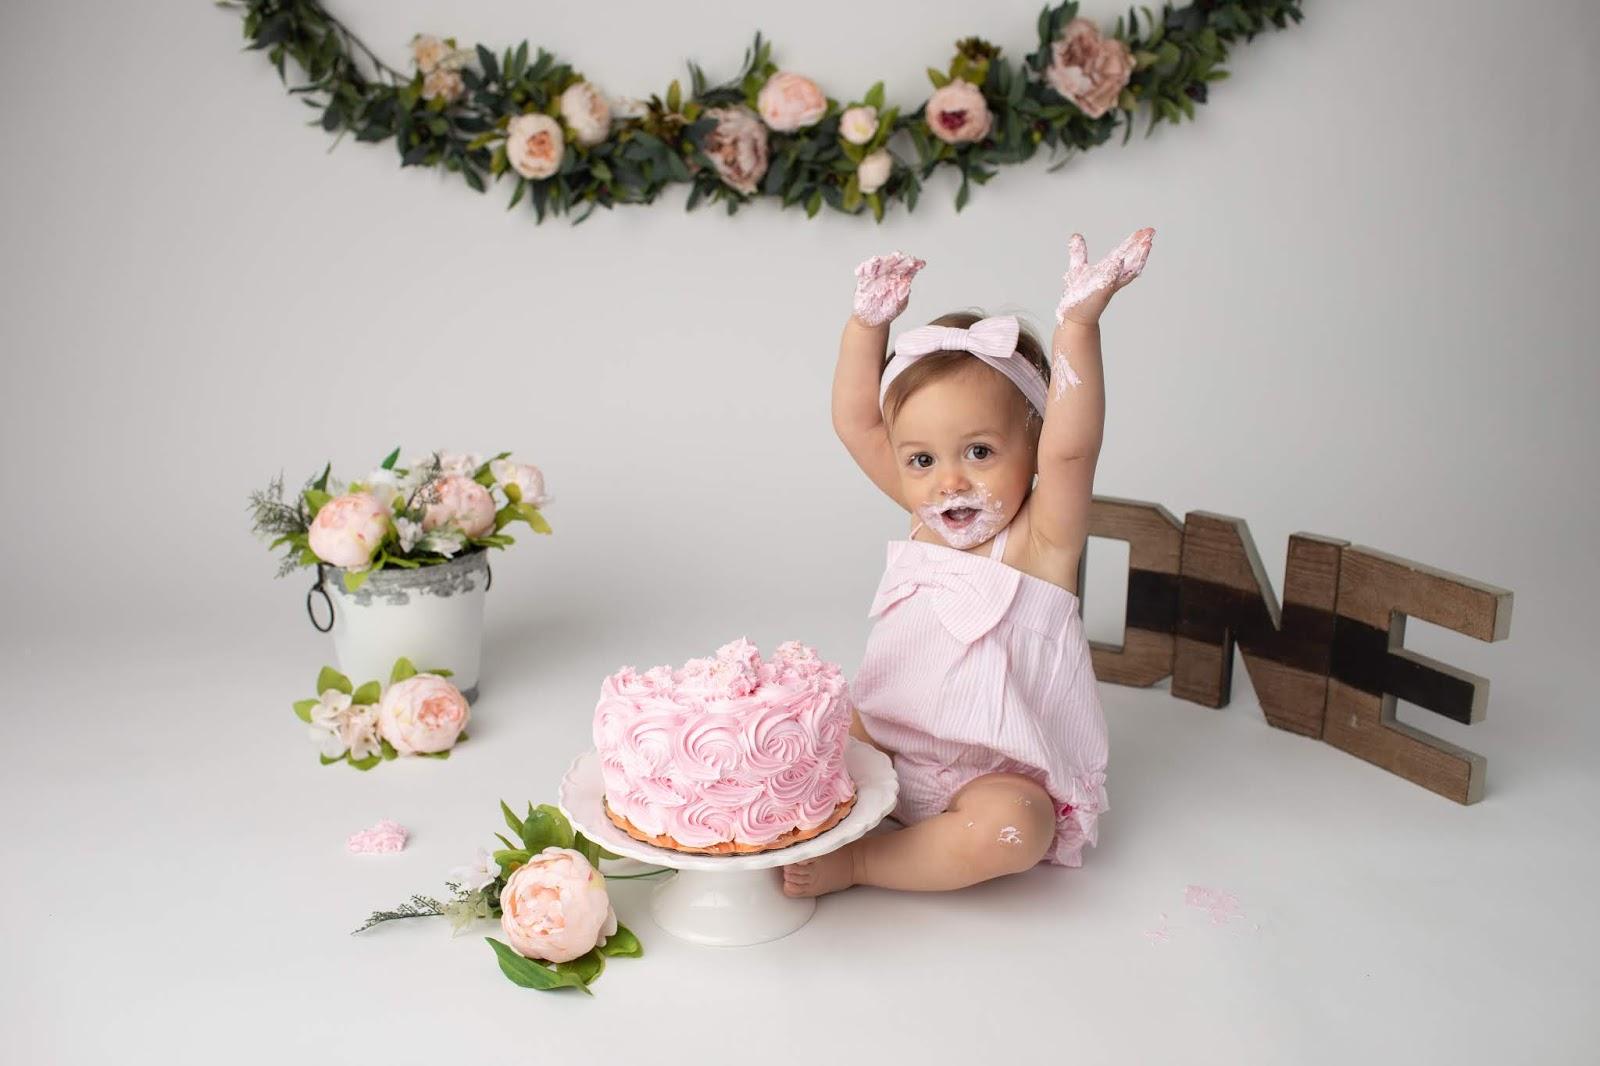 Sedinta foto smash the cake realizata de Cotea Razvan